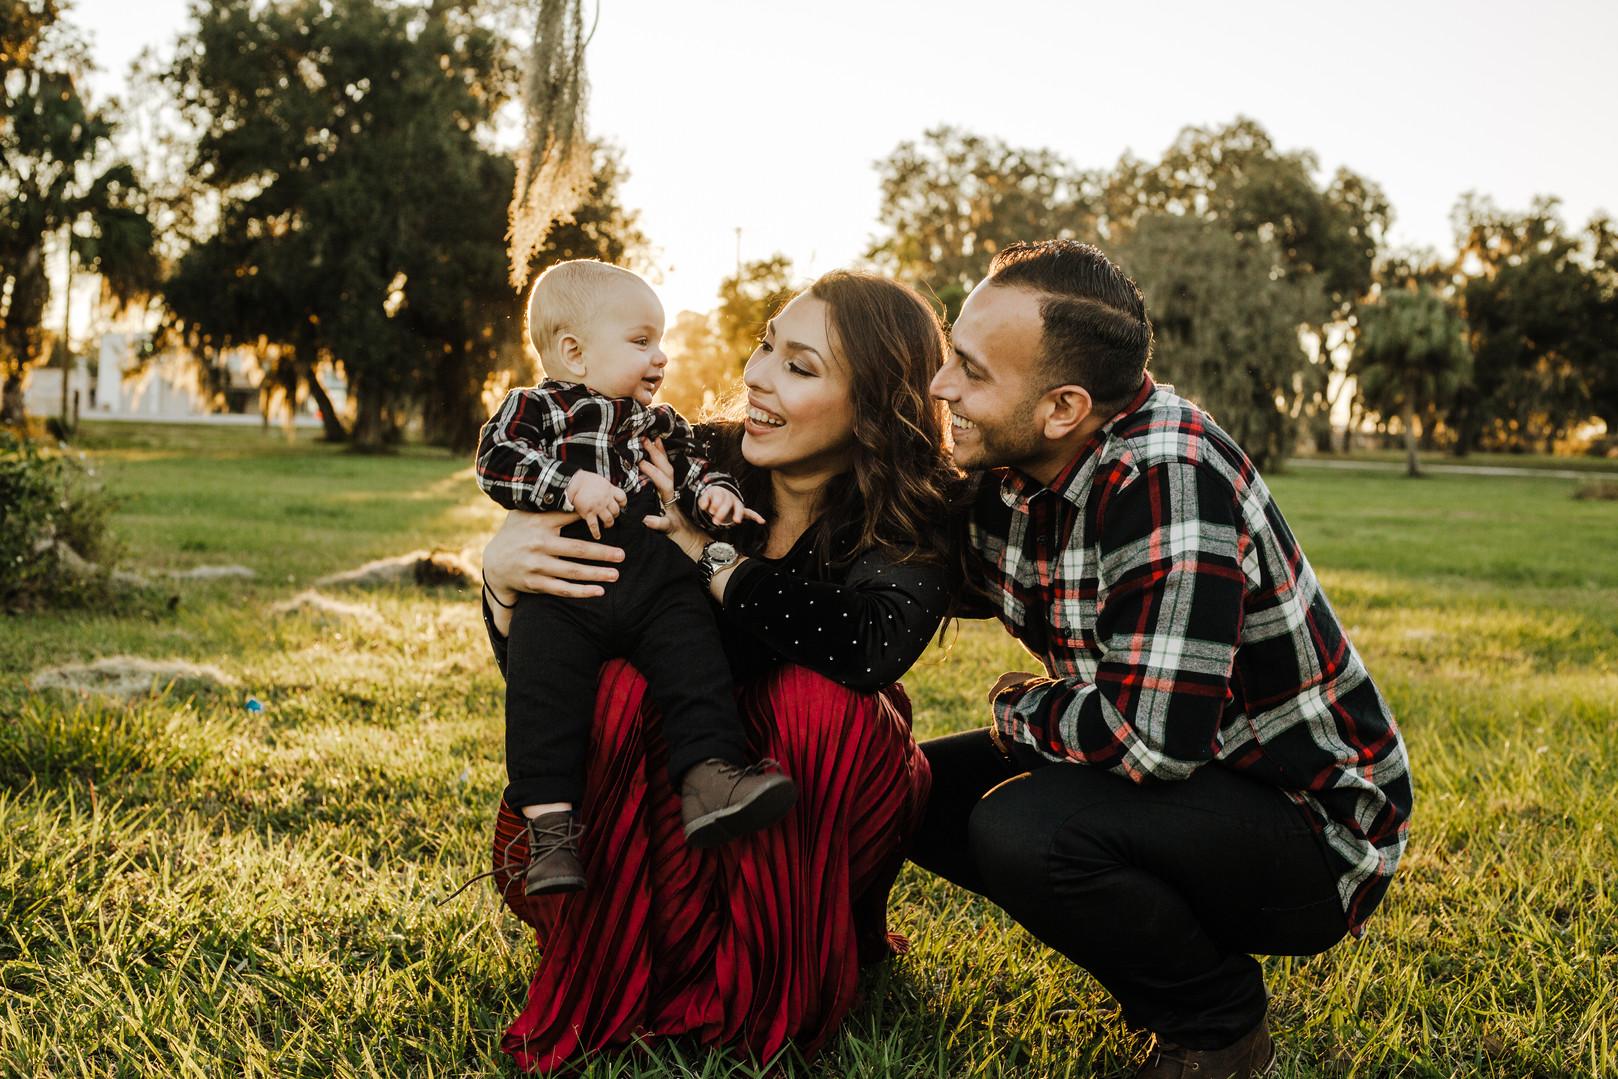 polk county family photo